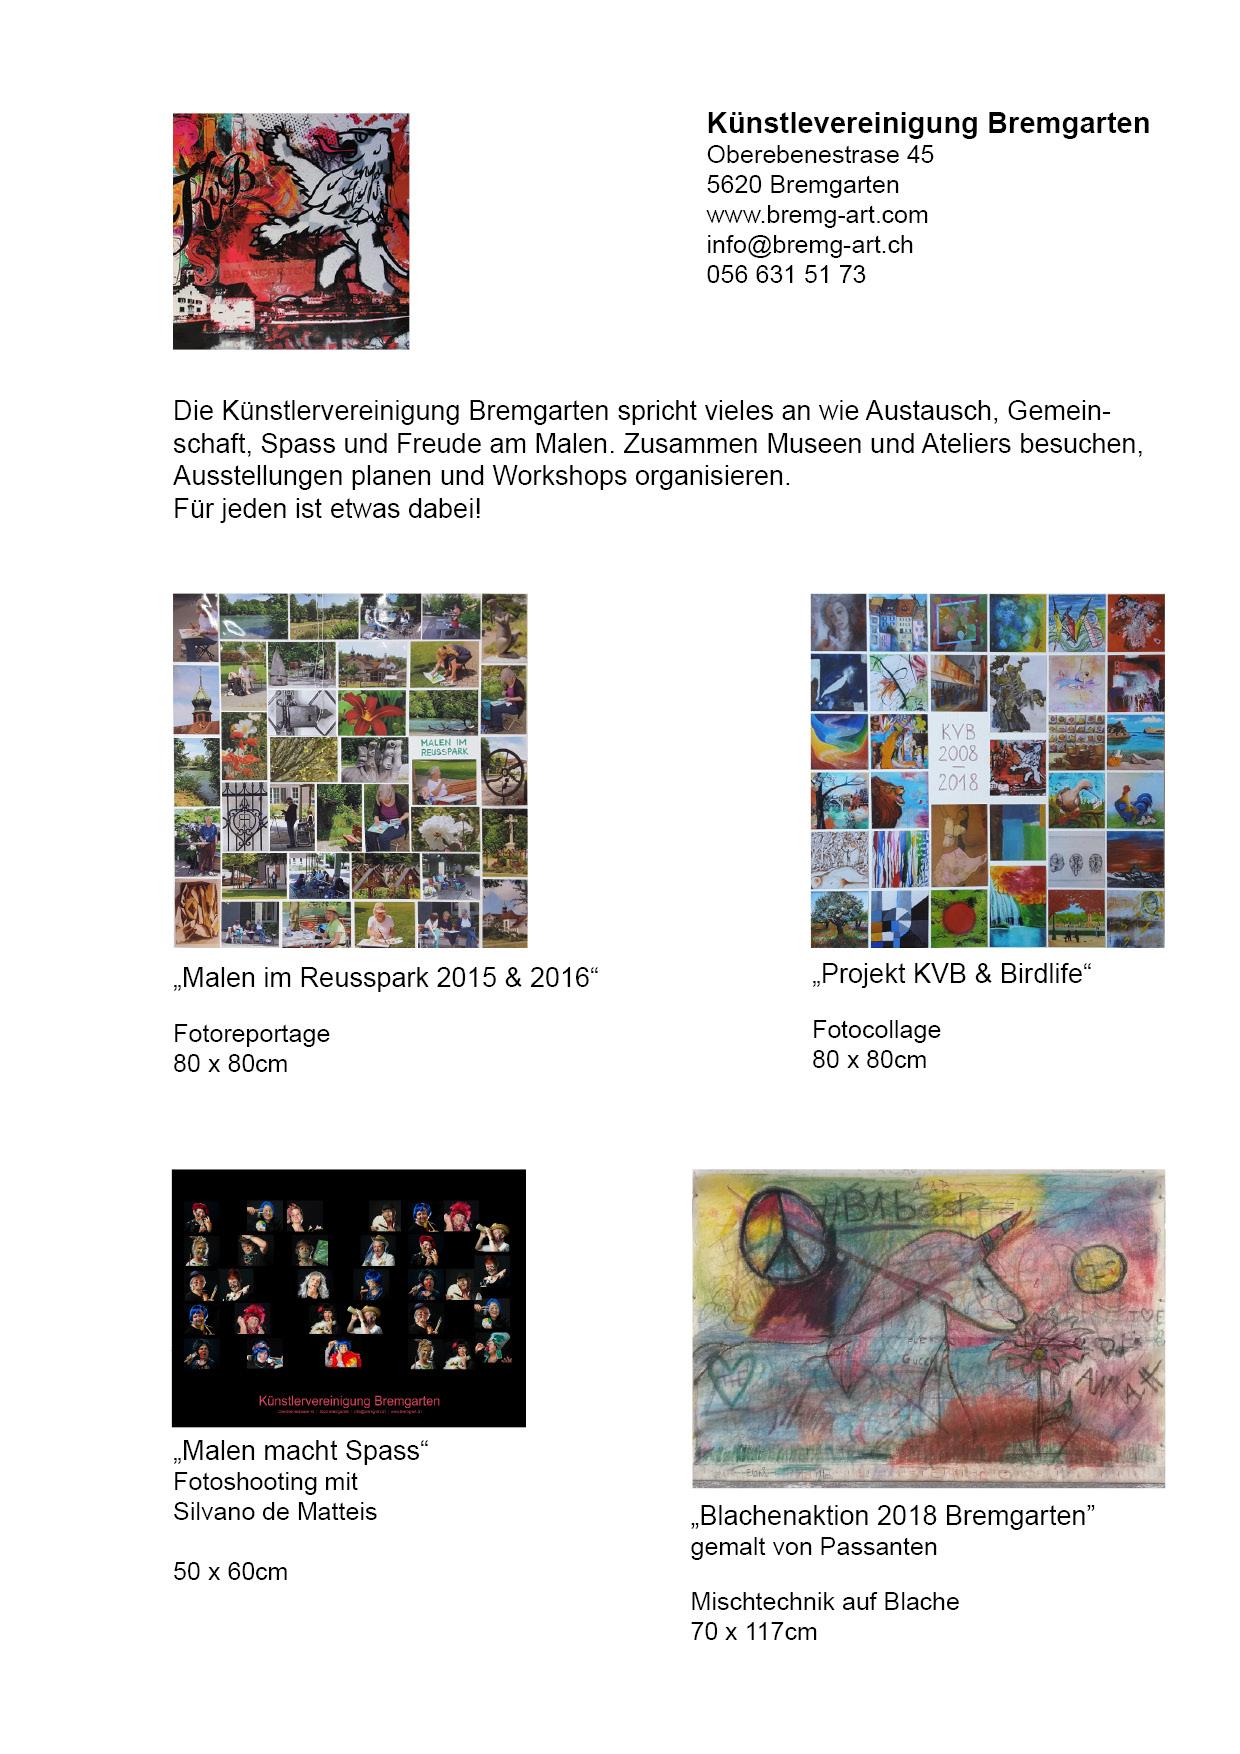 Künstlervereinigung Bremgarten